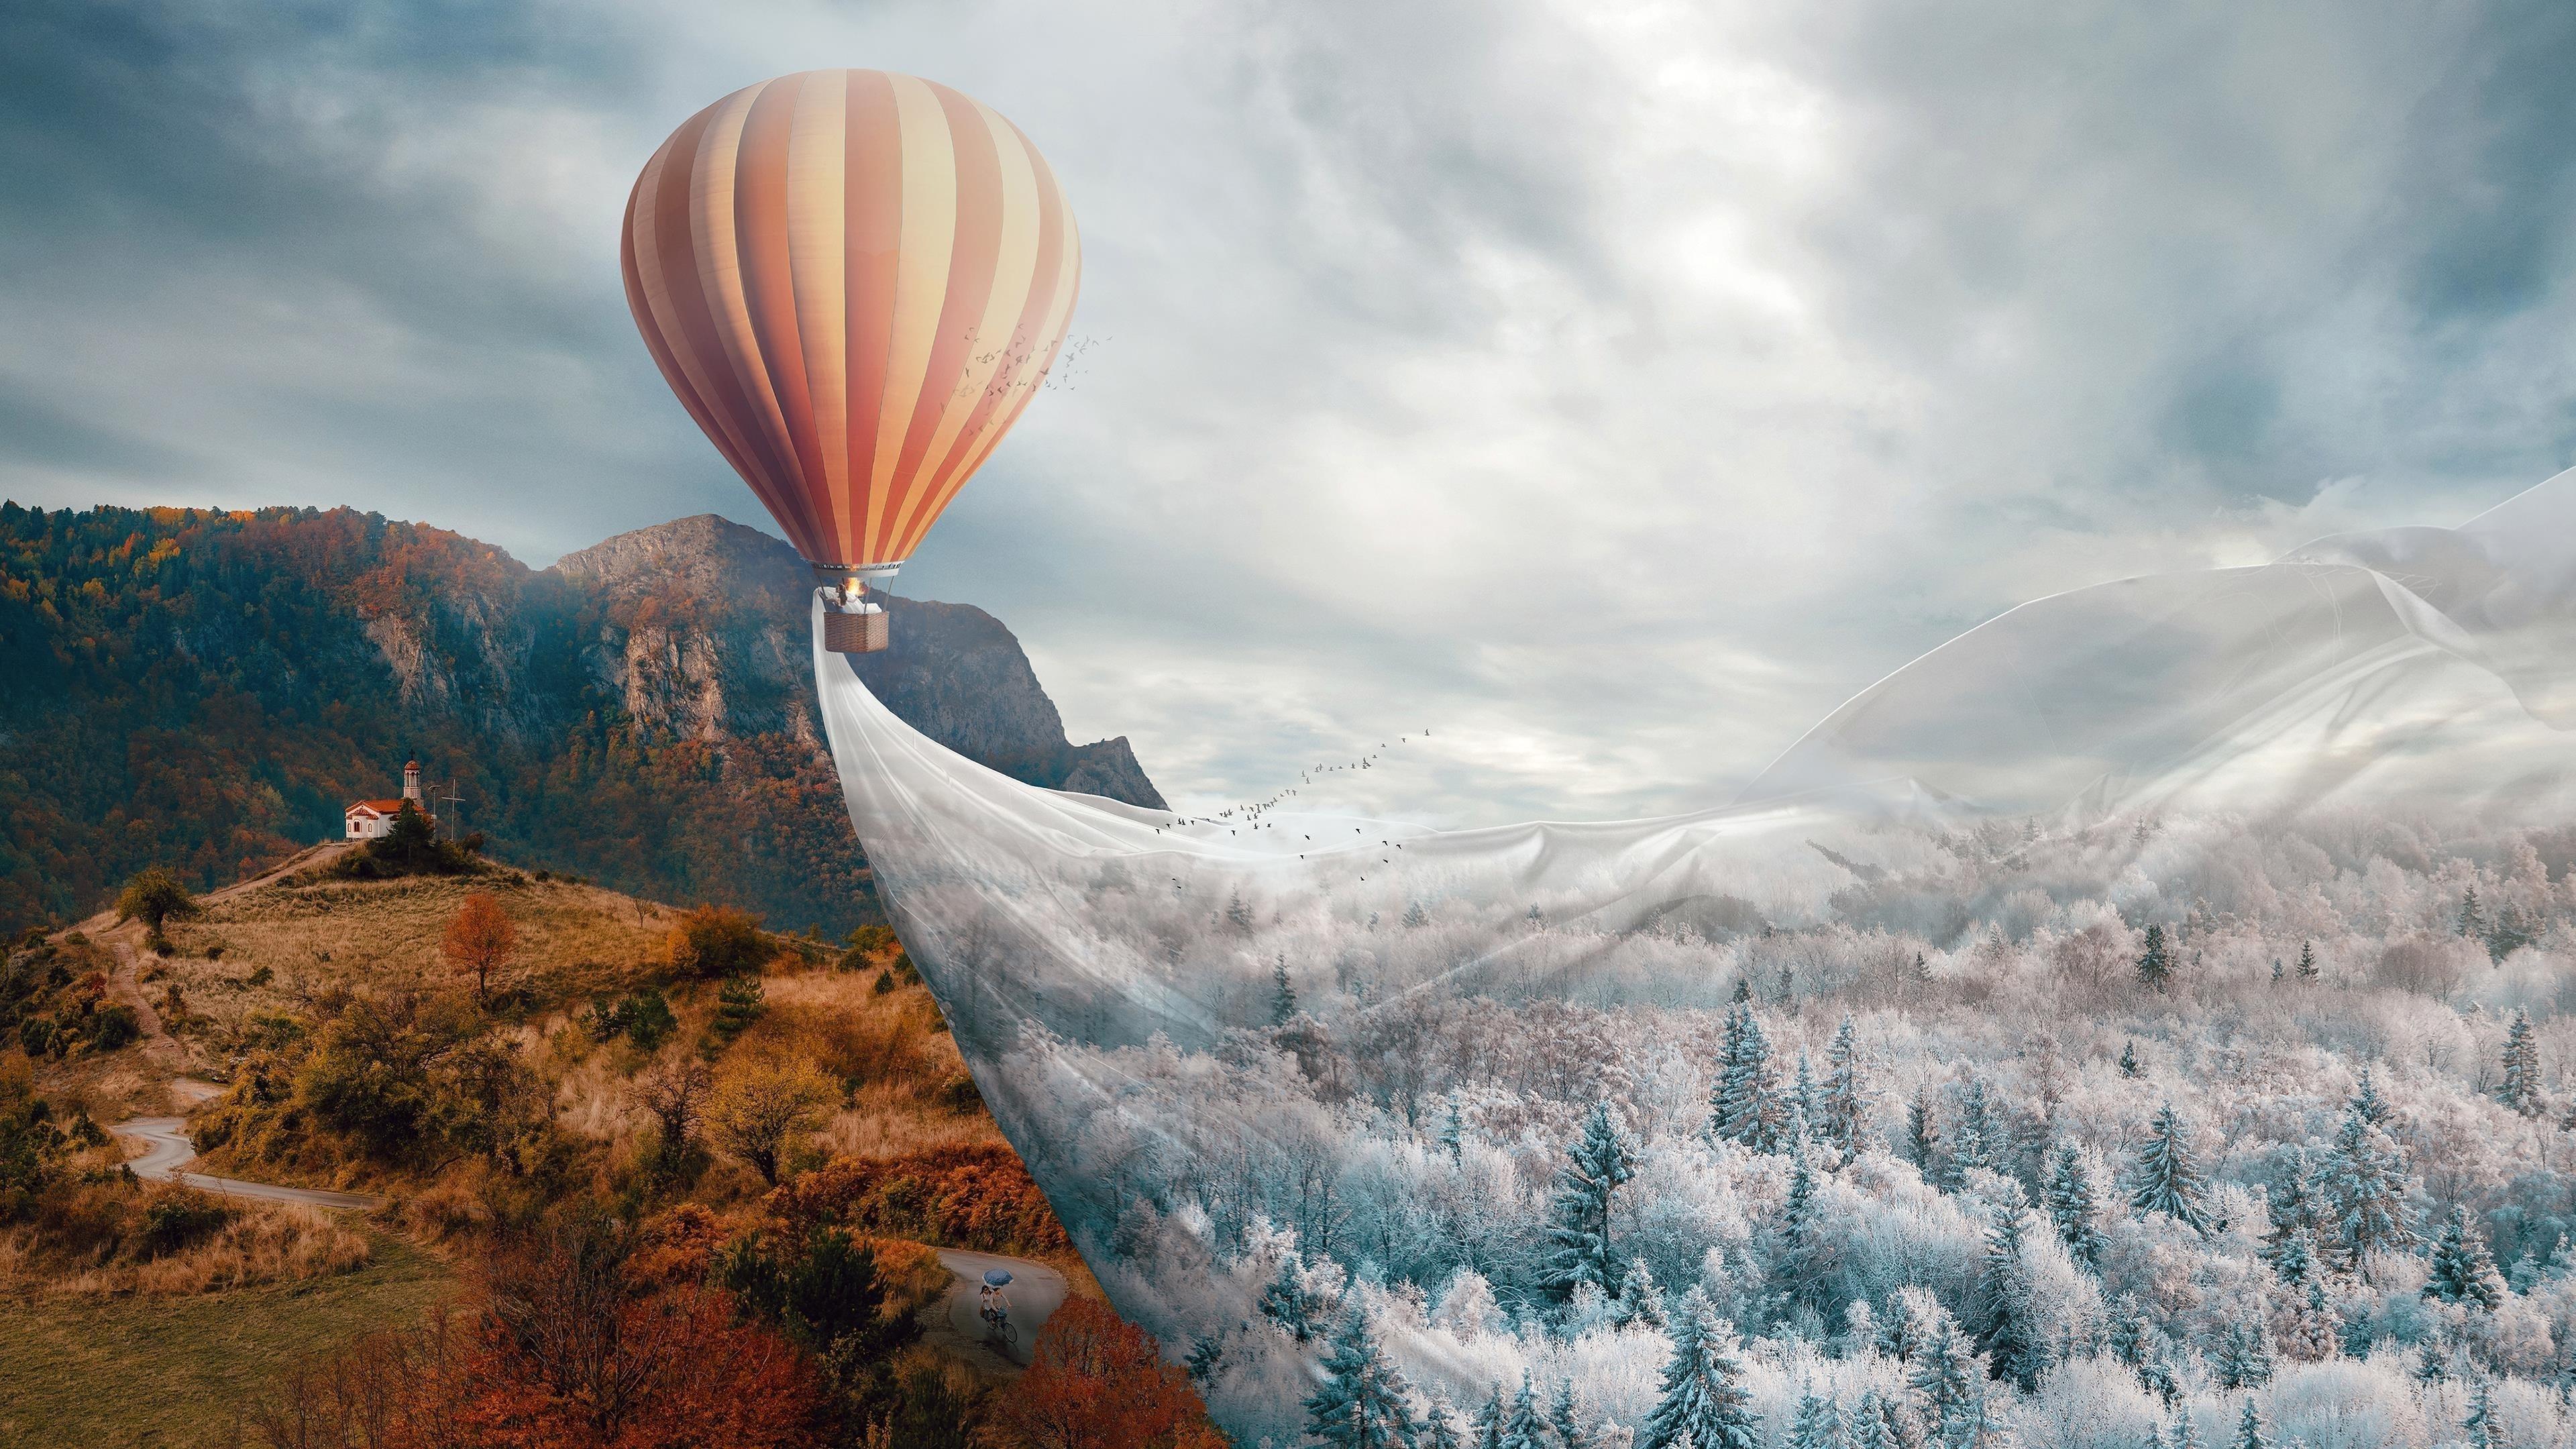 Горячий воздух воздушный шар фэнтези обои скачать